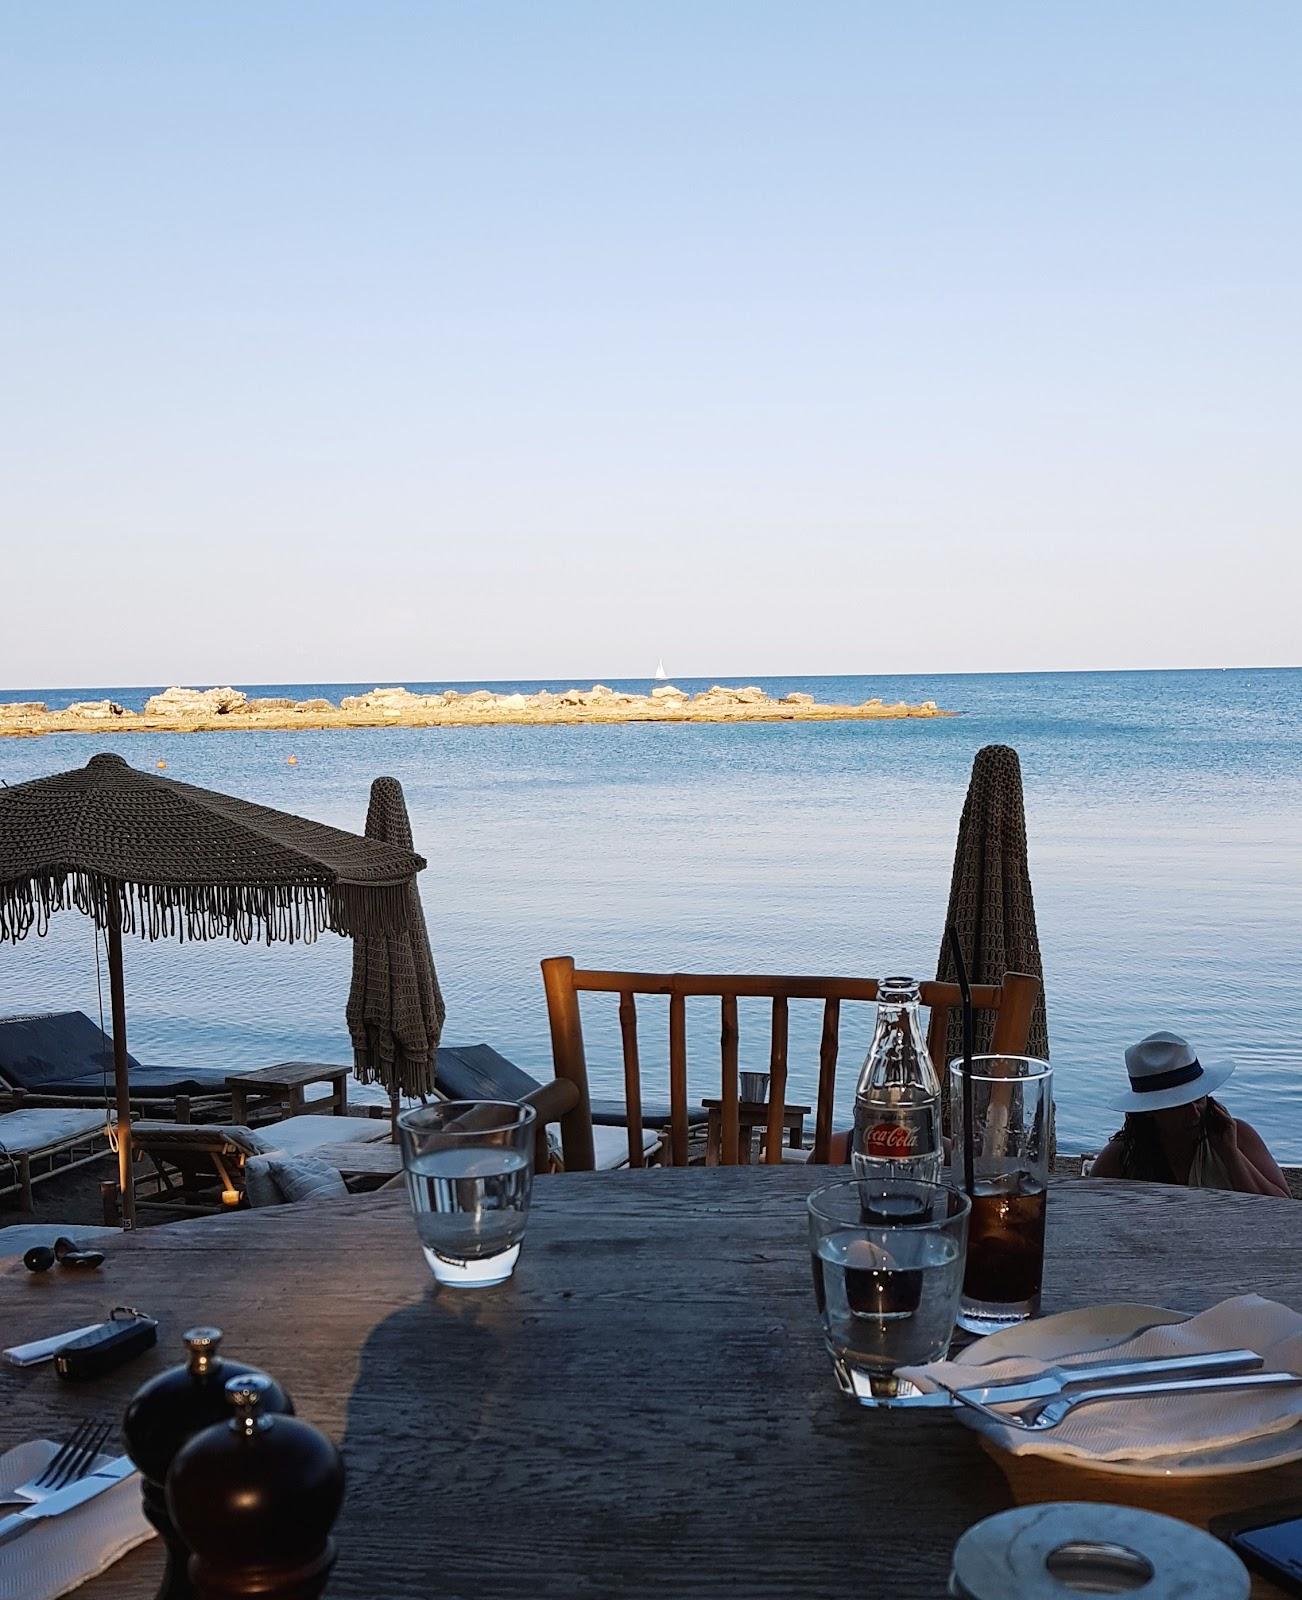 איי יוון אוכל יווני המלצות אטרקציות למטייל טיול משפחה זוגות לאן לטוס אחרי הקורונה מדינה ירוקה רודוס